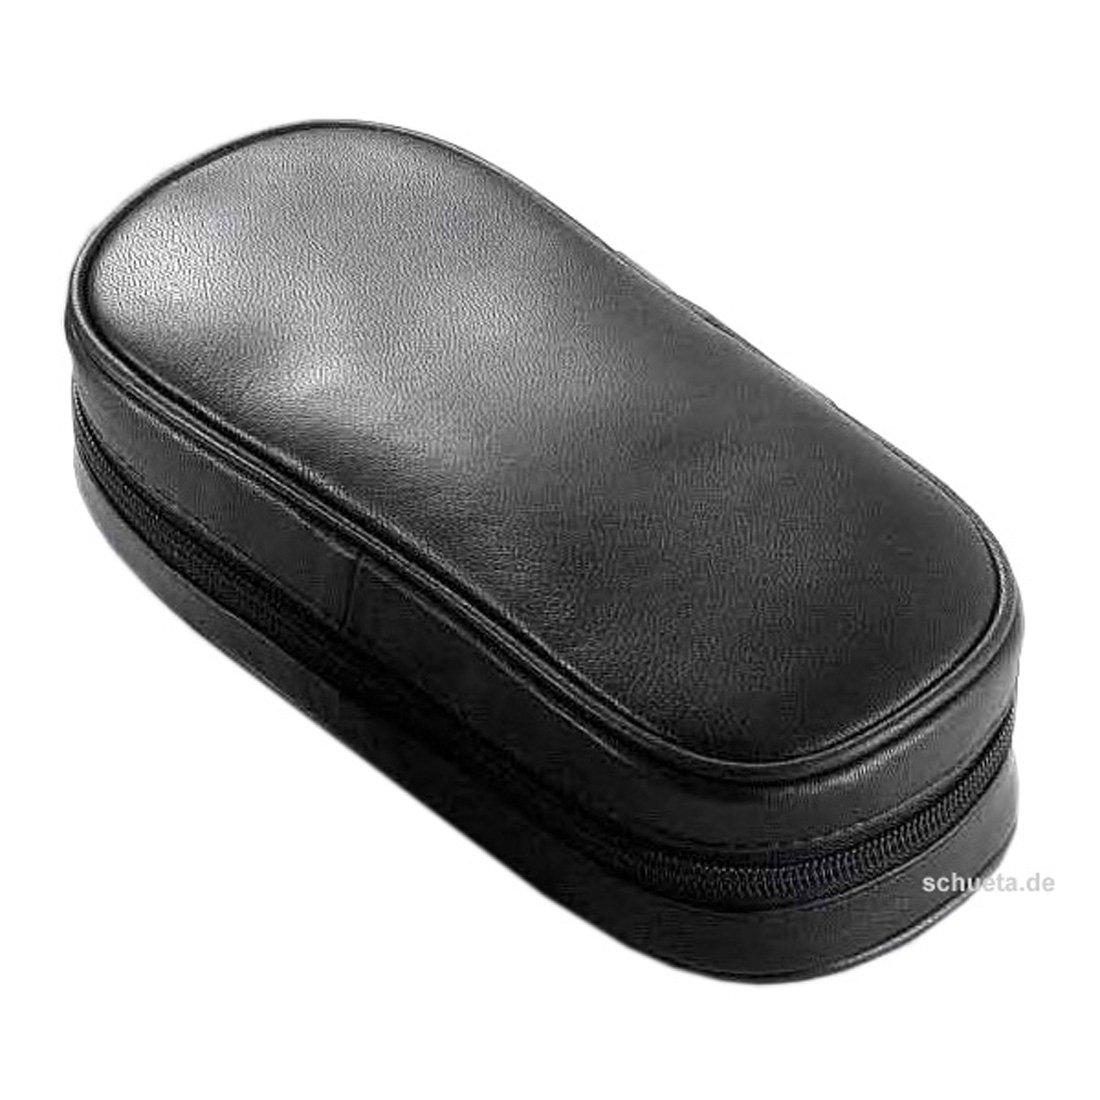 Pfeifentasche 2er Leder schwarz